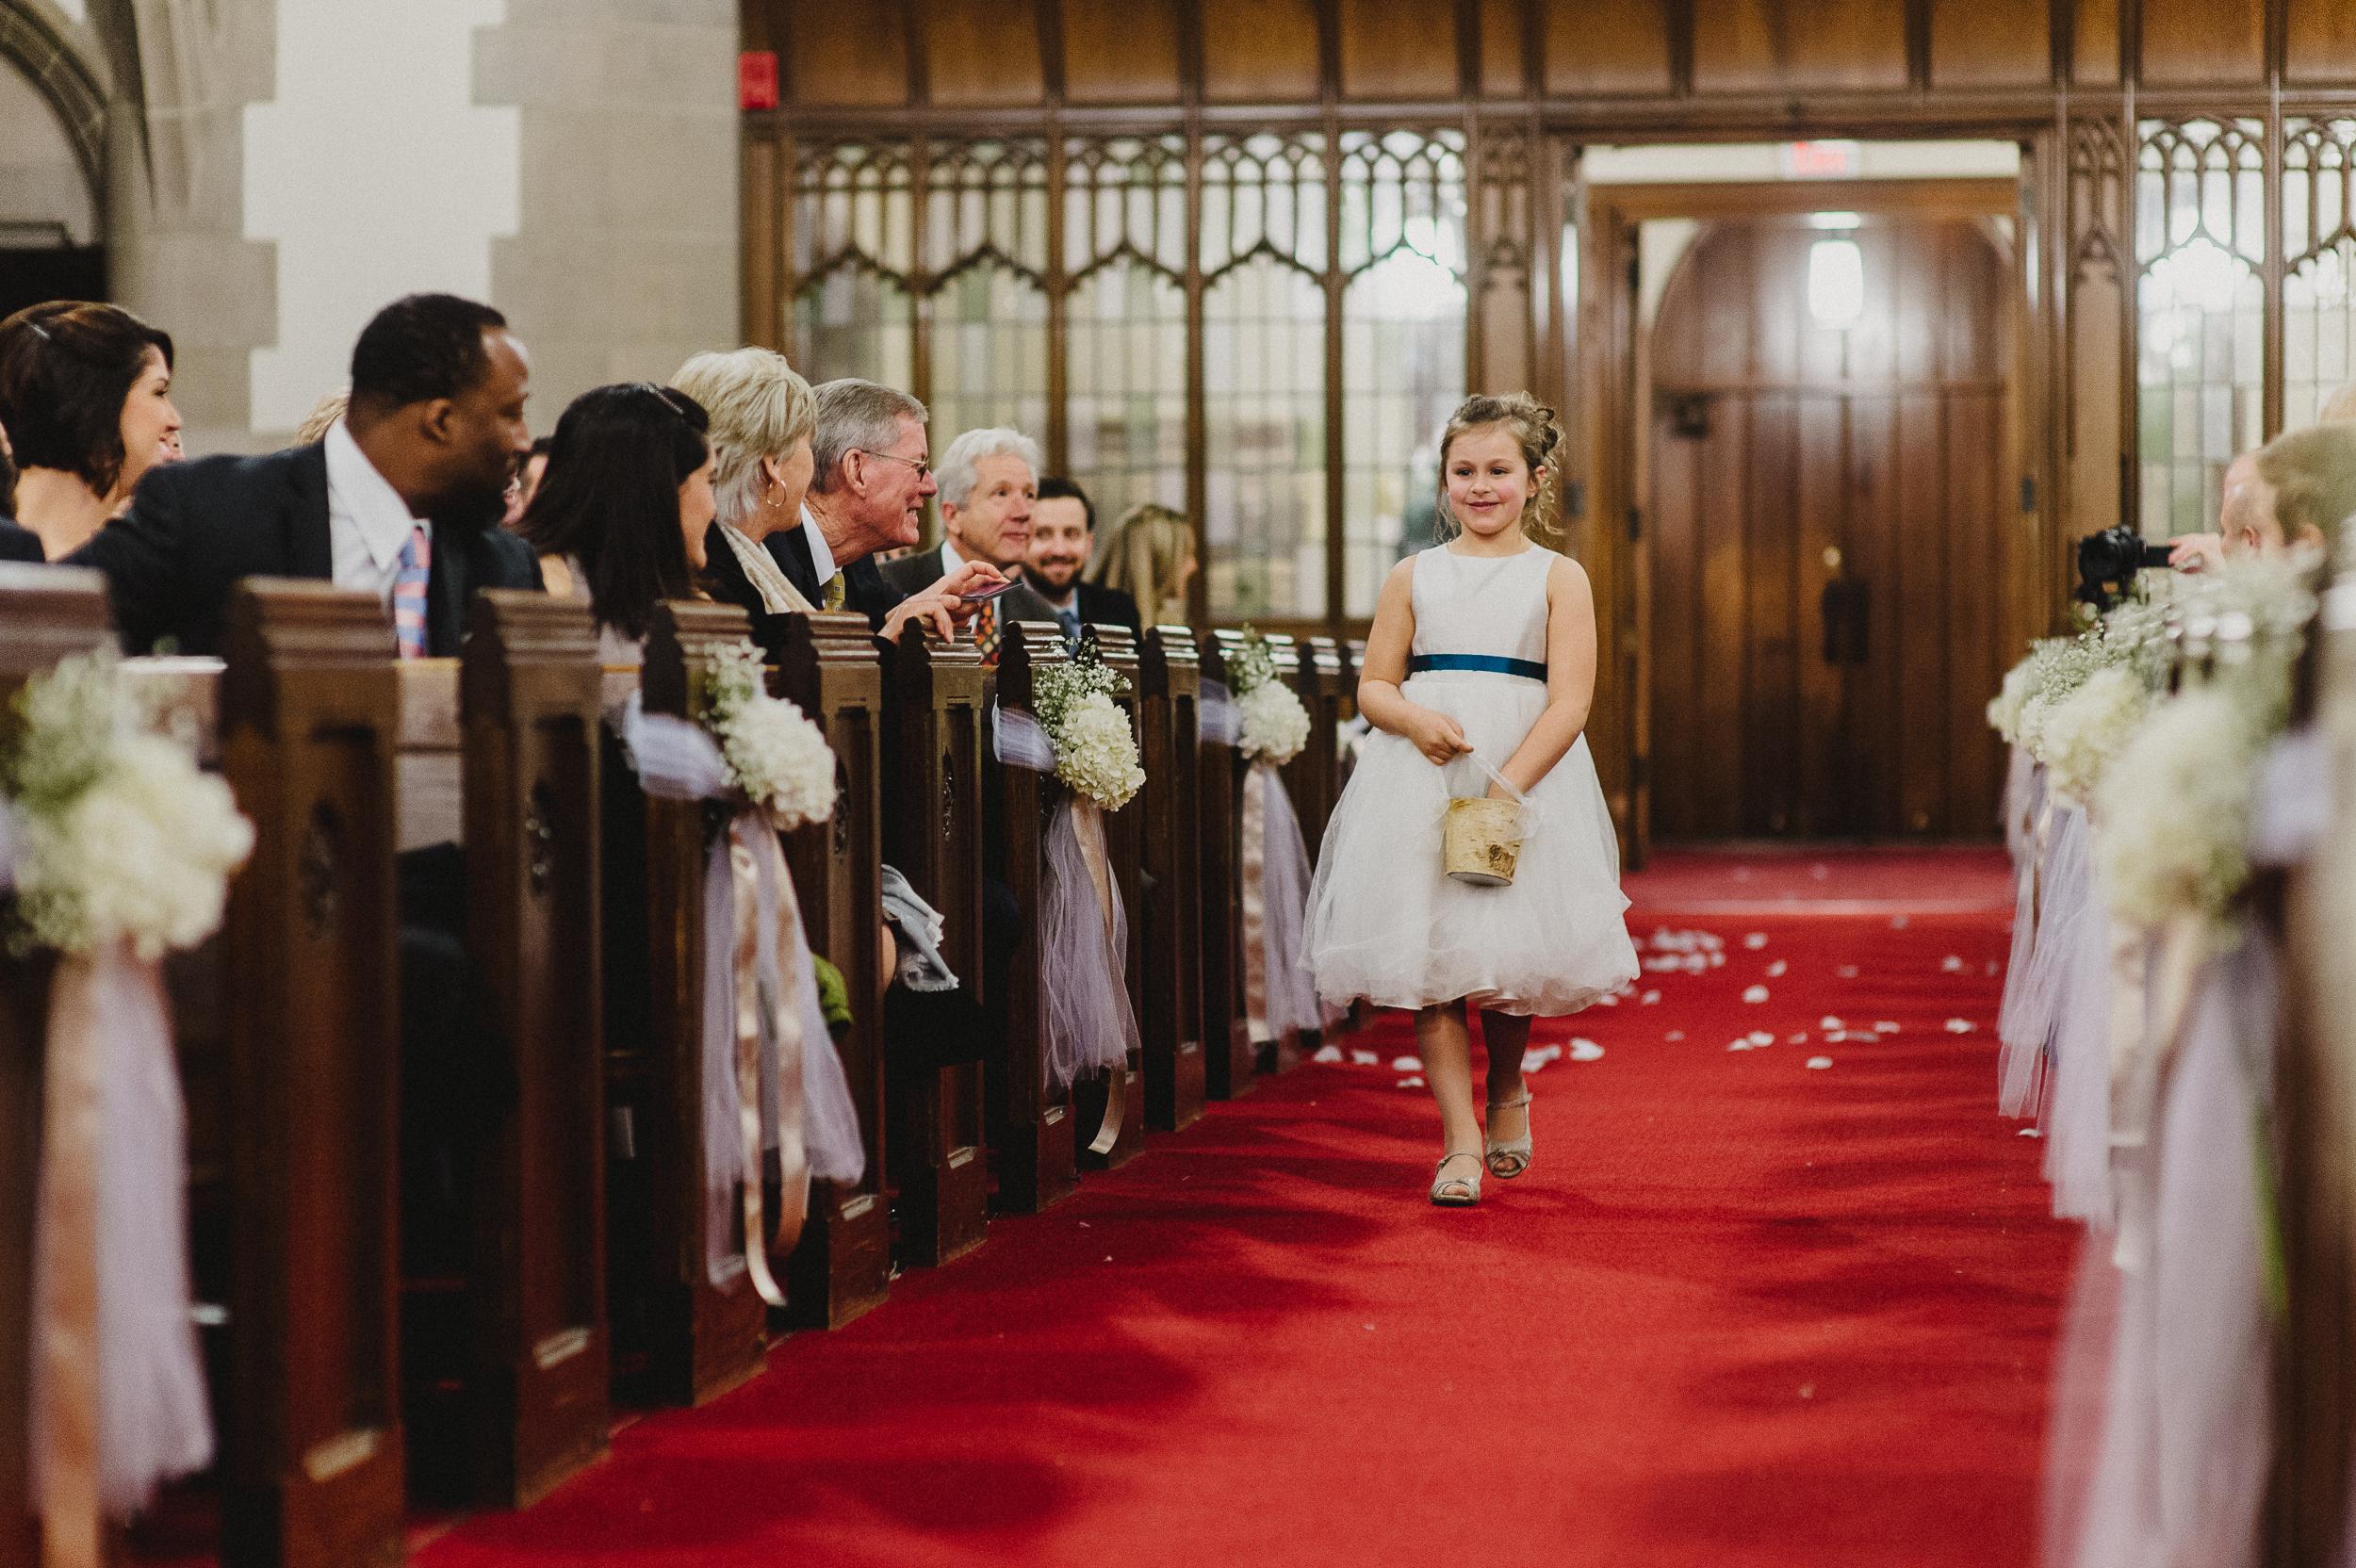 vermont-destination-wedding-photographer-40.jpg